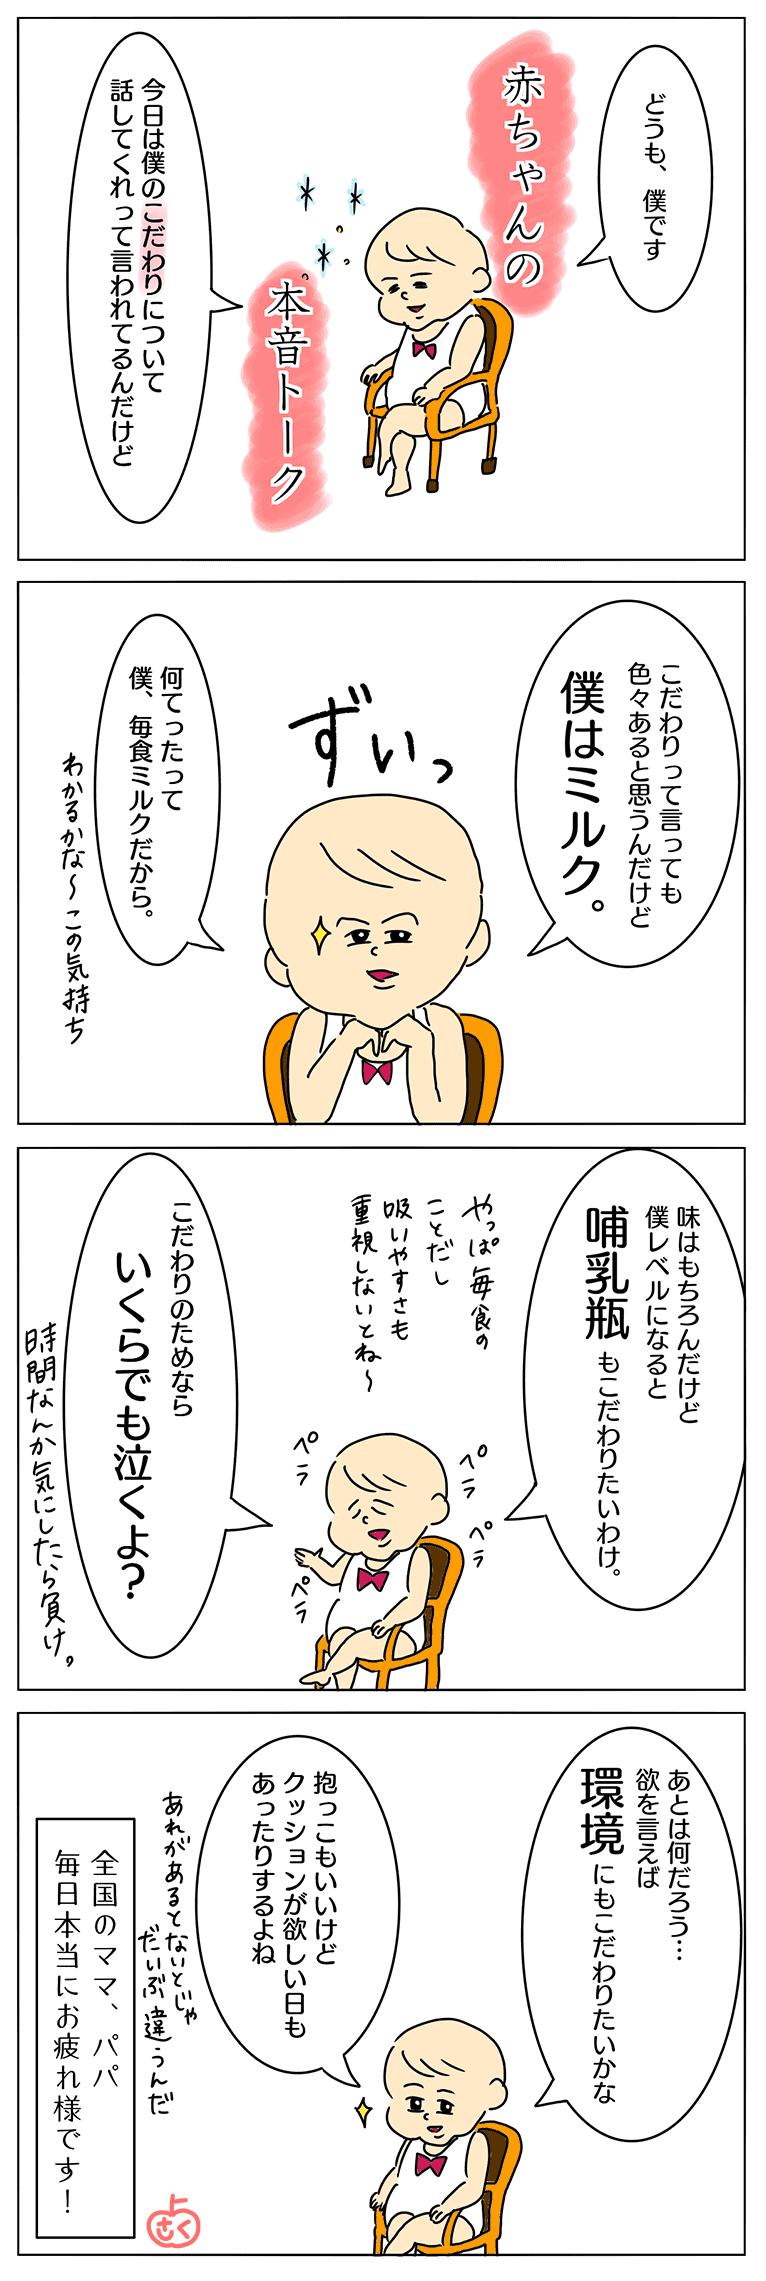 赤ちゃんがミルクを飲まない子育て4コマ漫画